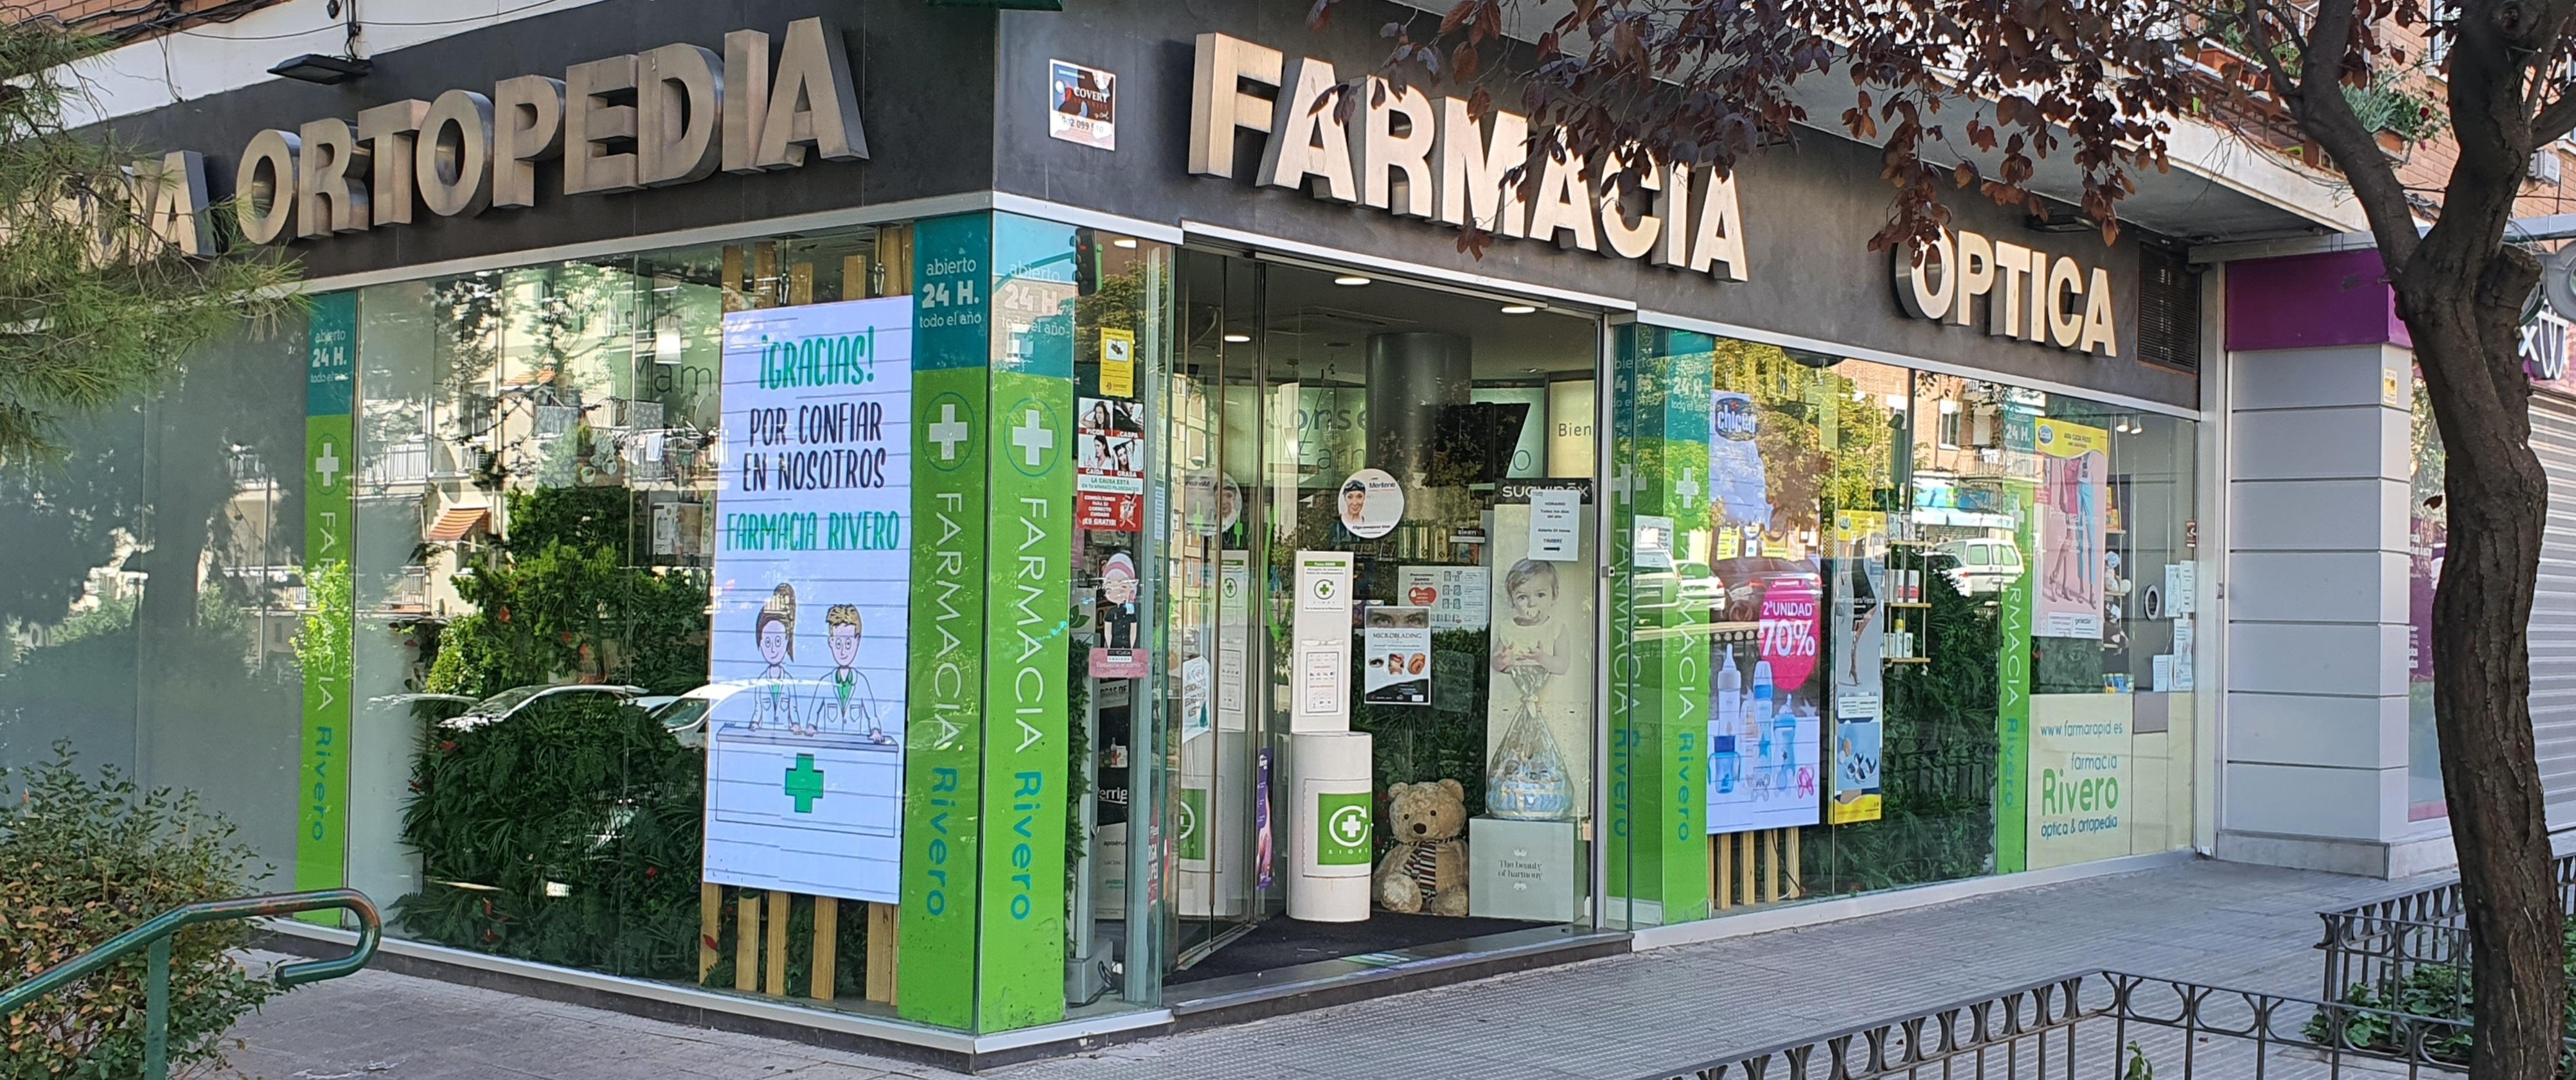 parafarmacia FarmaRapid optima y ortopedia en Madrid España